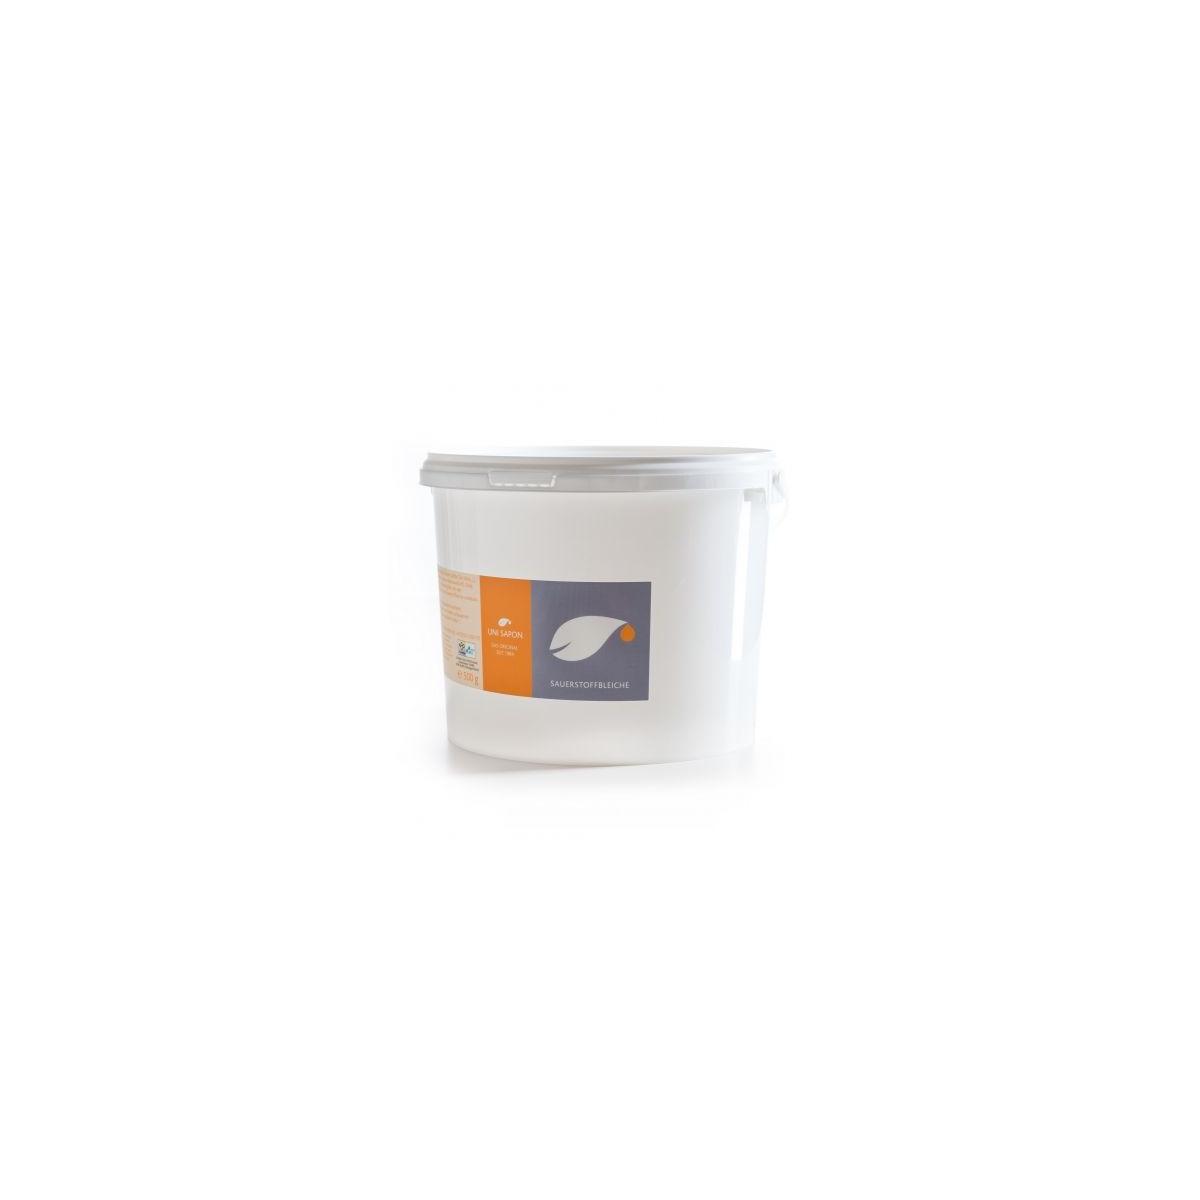 Uni Sapon Sauerstoffbleicher Granulat 3kg